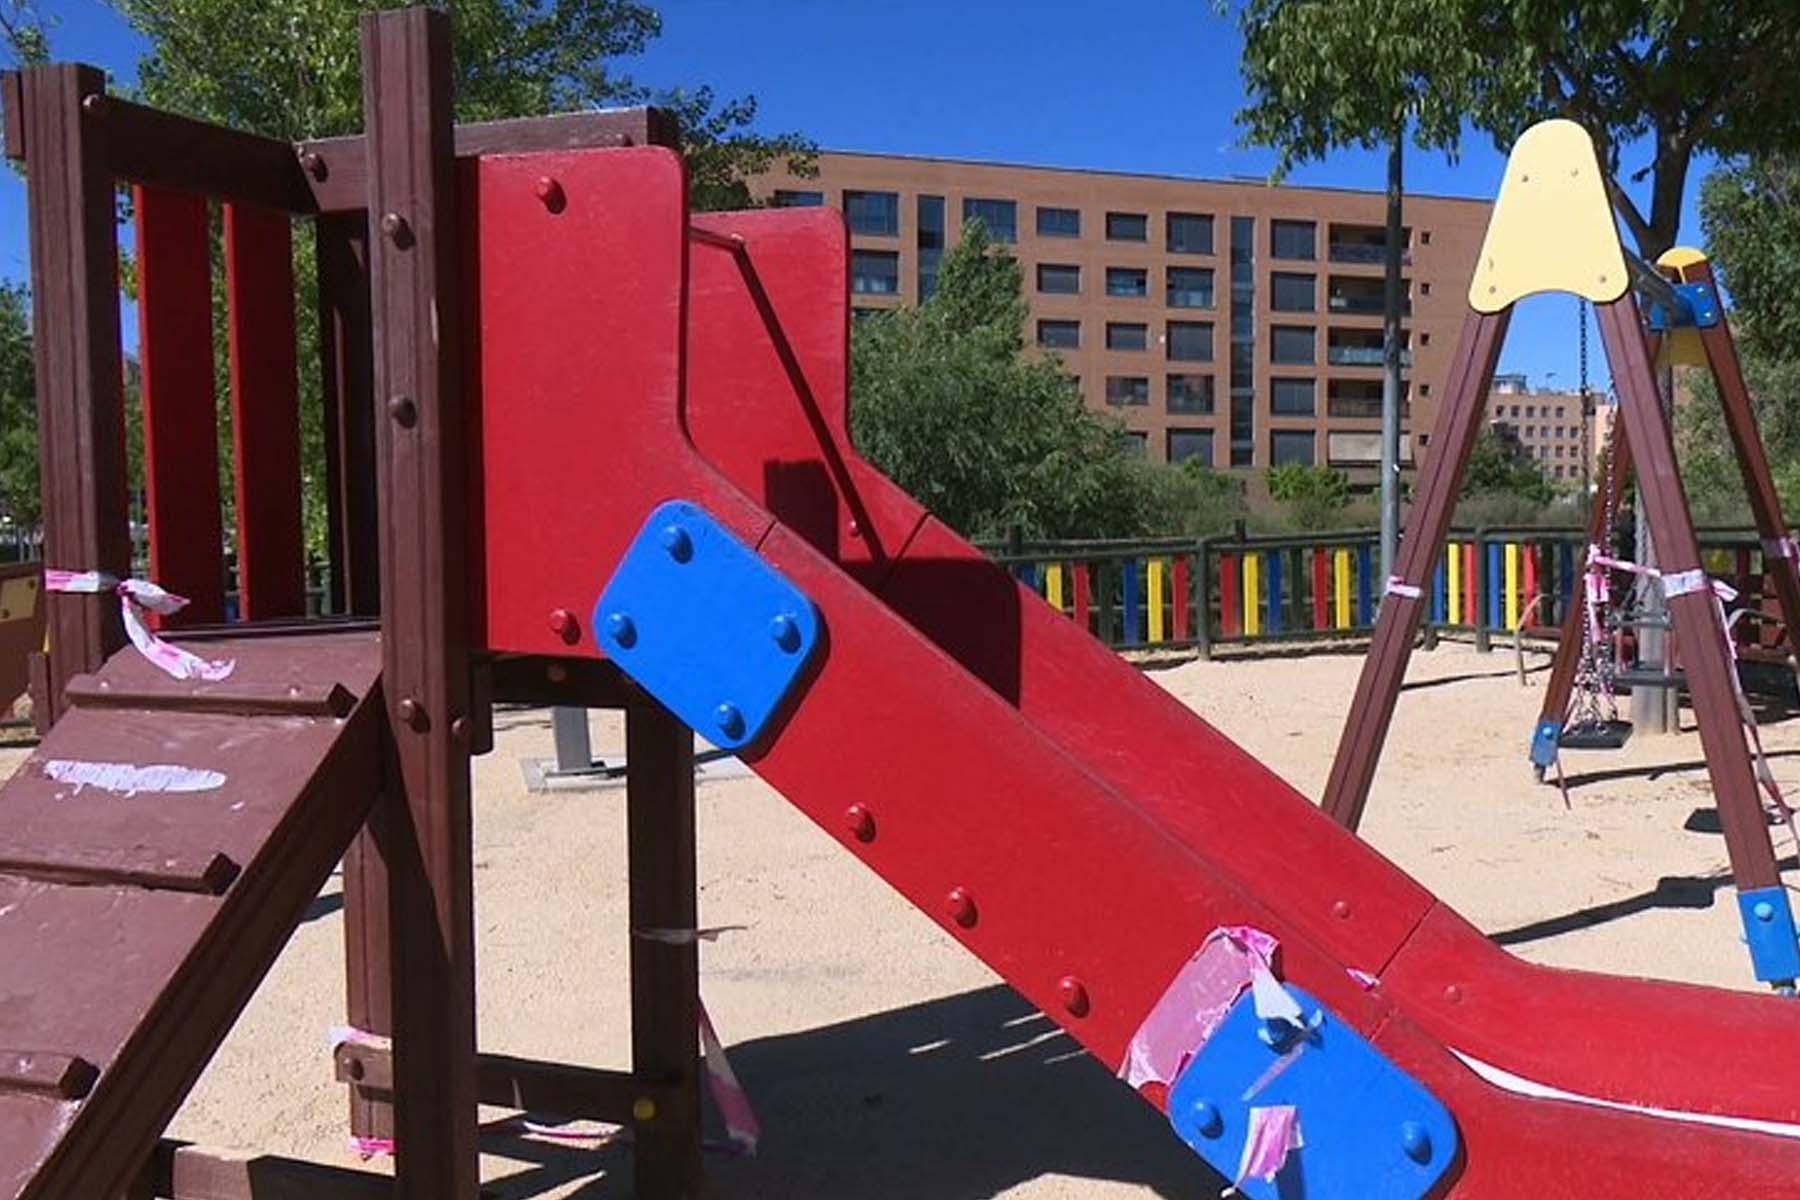 Las areas infantiles, espacios públicos deportivos y areas biosaludables permanecerán clausuradas